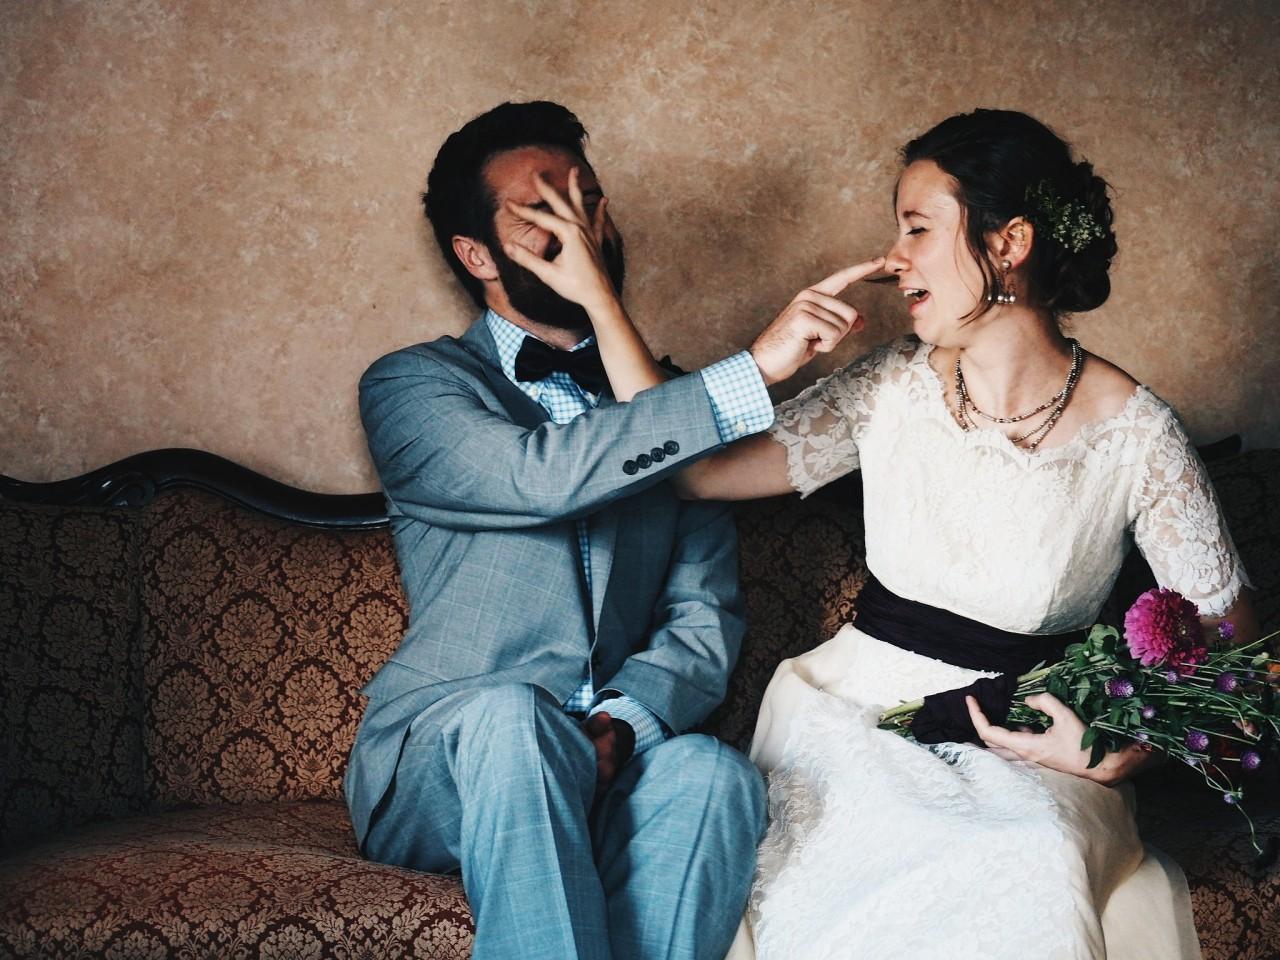 Семейные психологи лишь ухудшили наши отношения с мужем